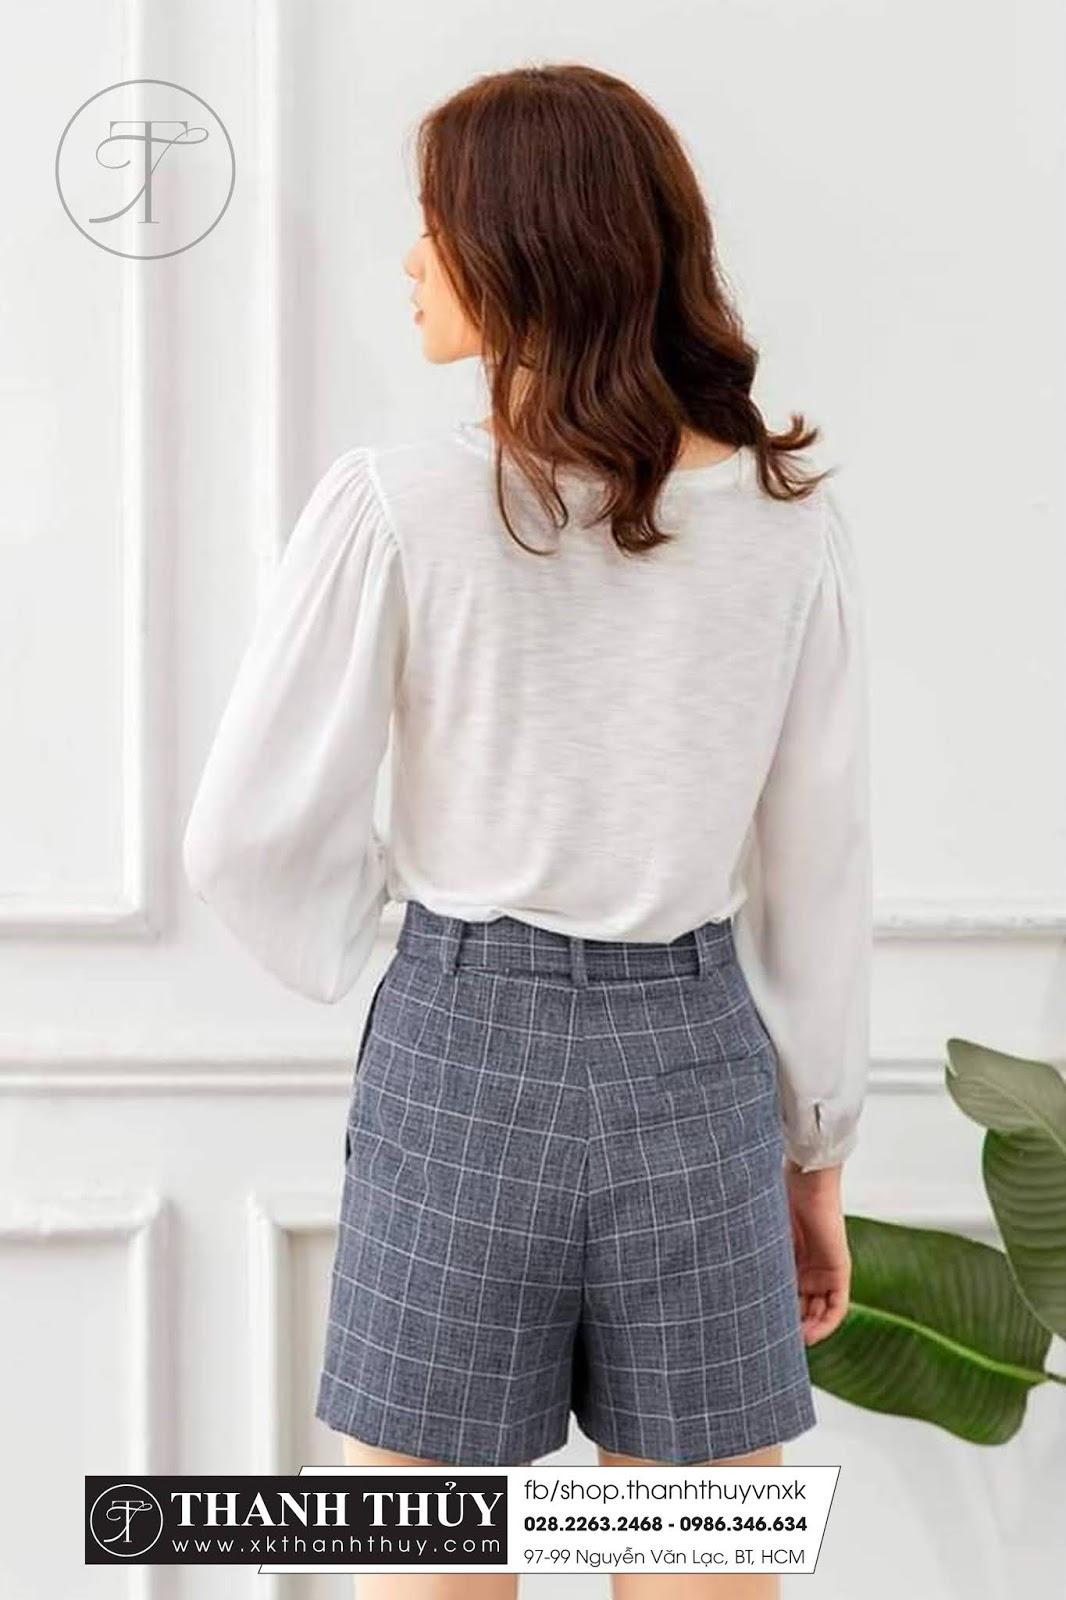 Quần Short vải tây kèm belt đồng màu